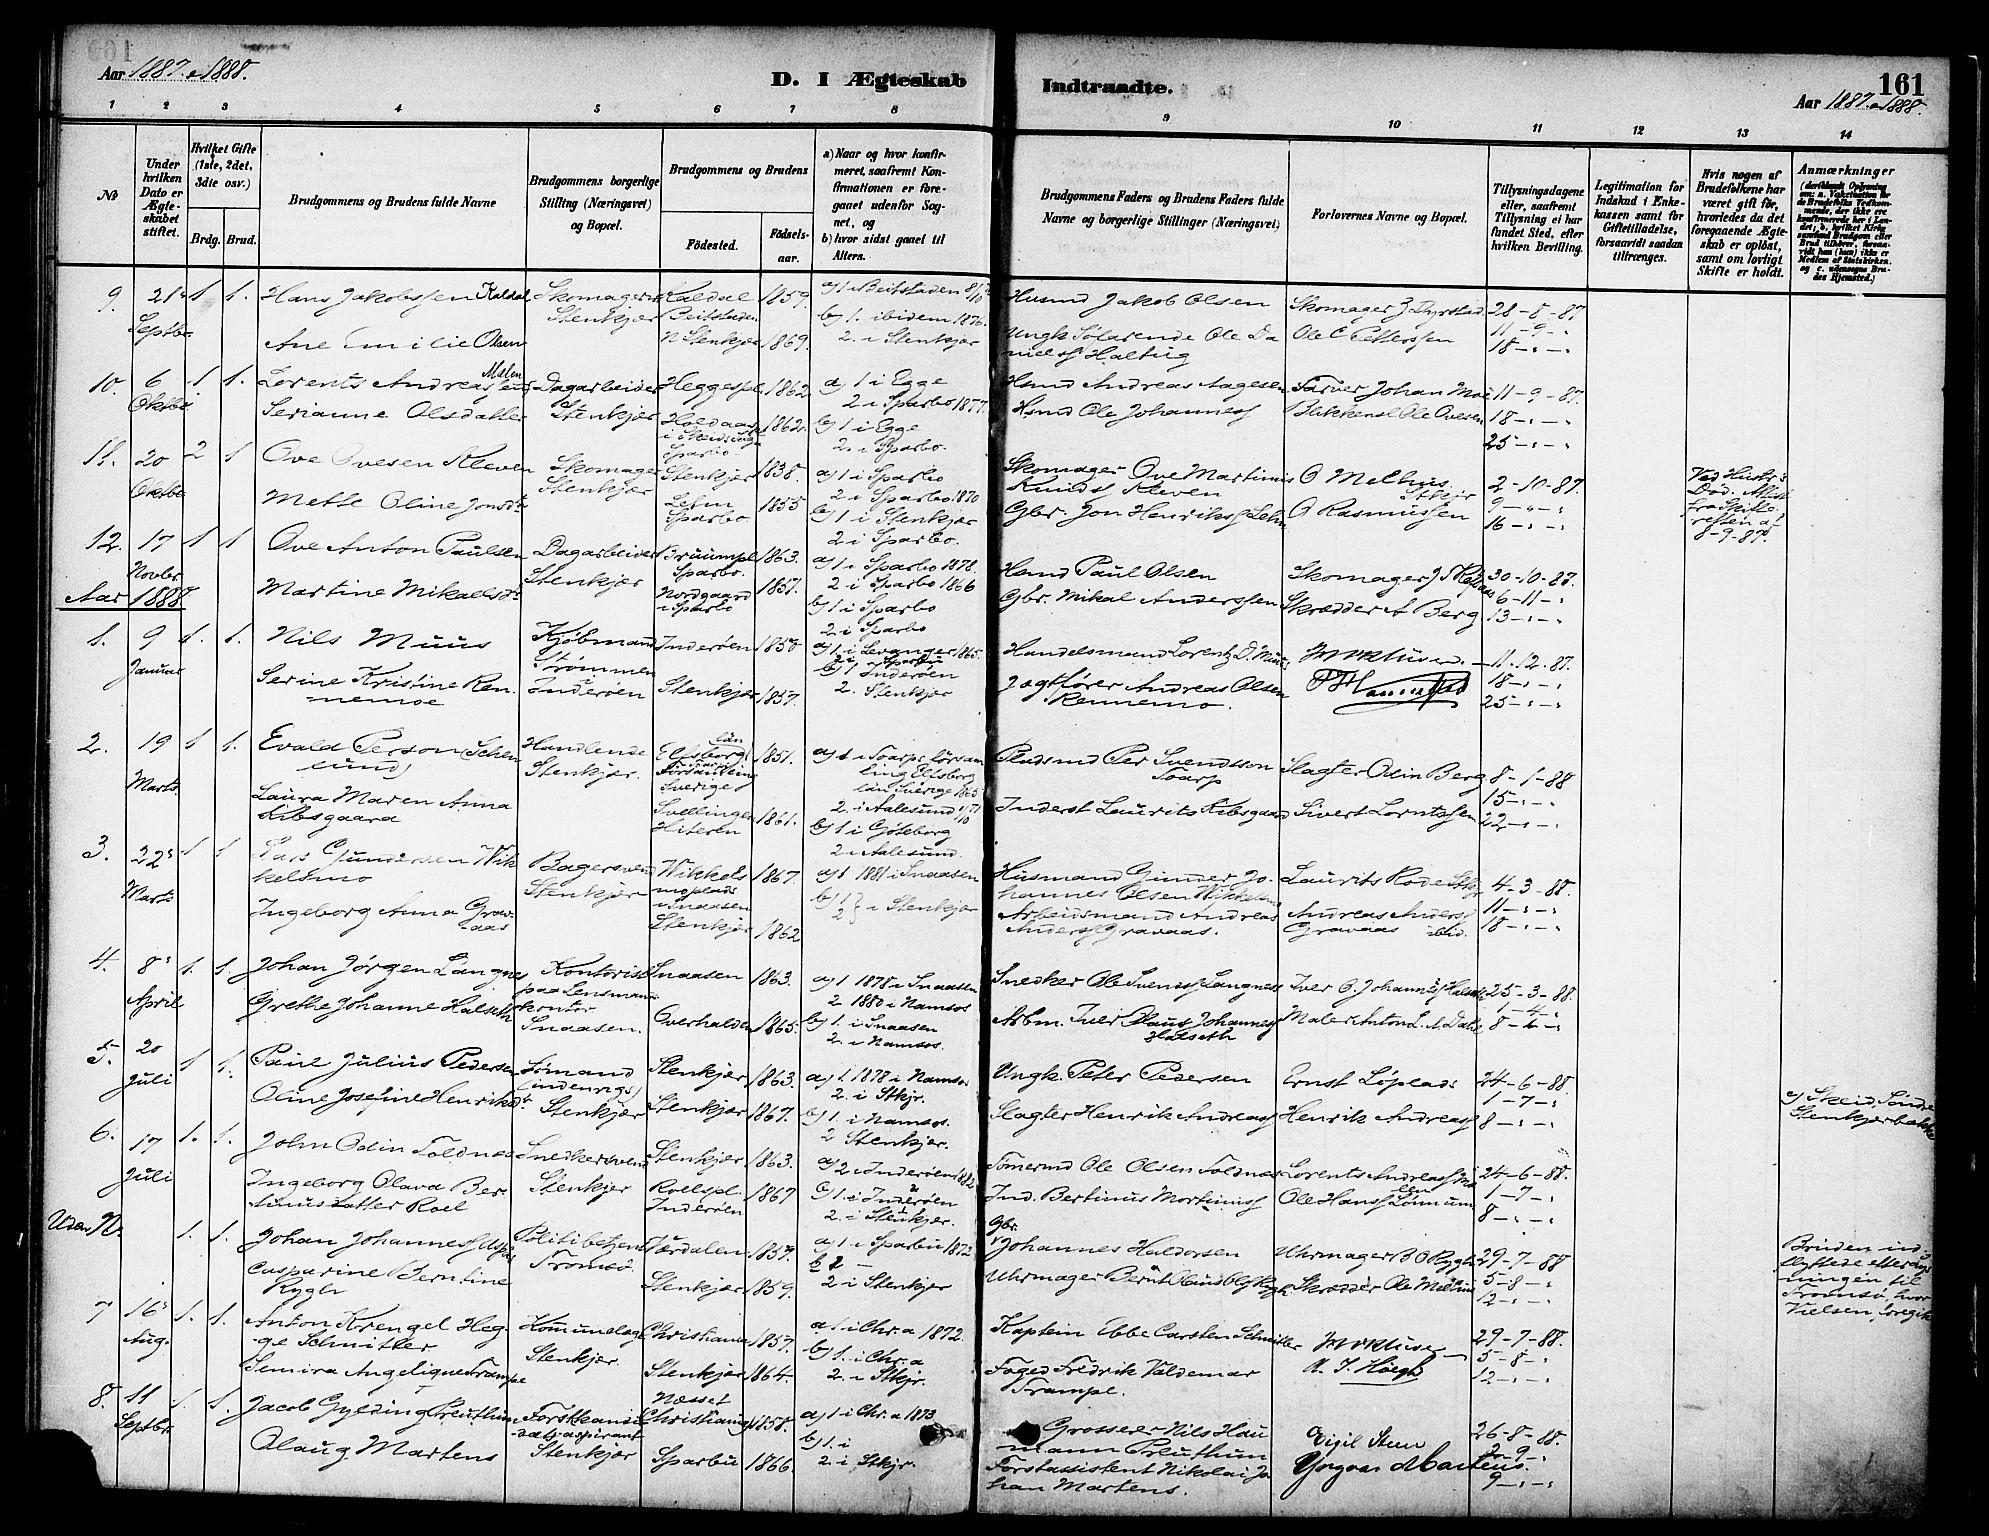 SAT, Ministerialprotokoller, klokkerbøker og fødselsregistre - Nord-Trøndelag, 739/L0371: Ministerialbok nr. 739A03, 1881-1895, s. 161